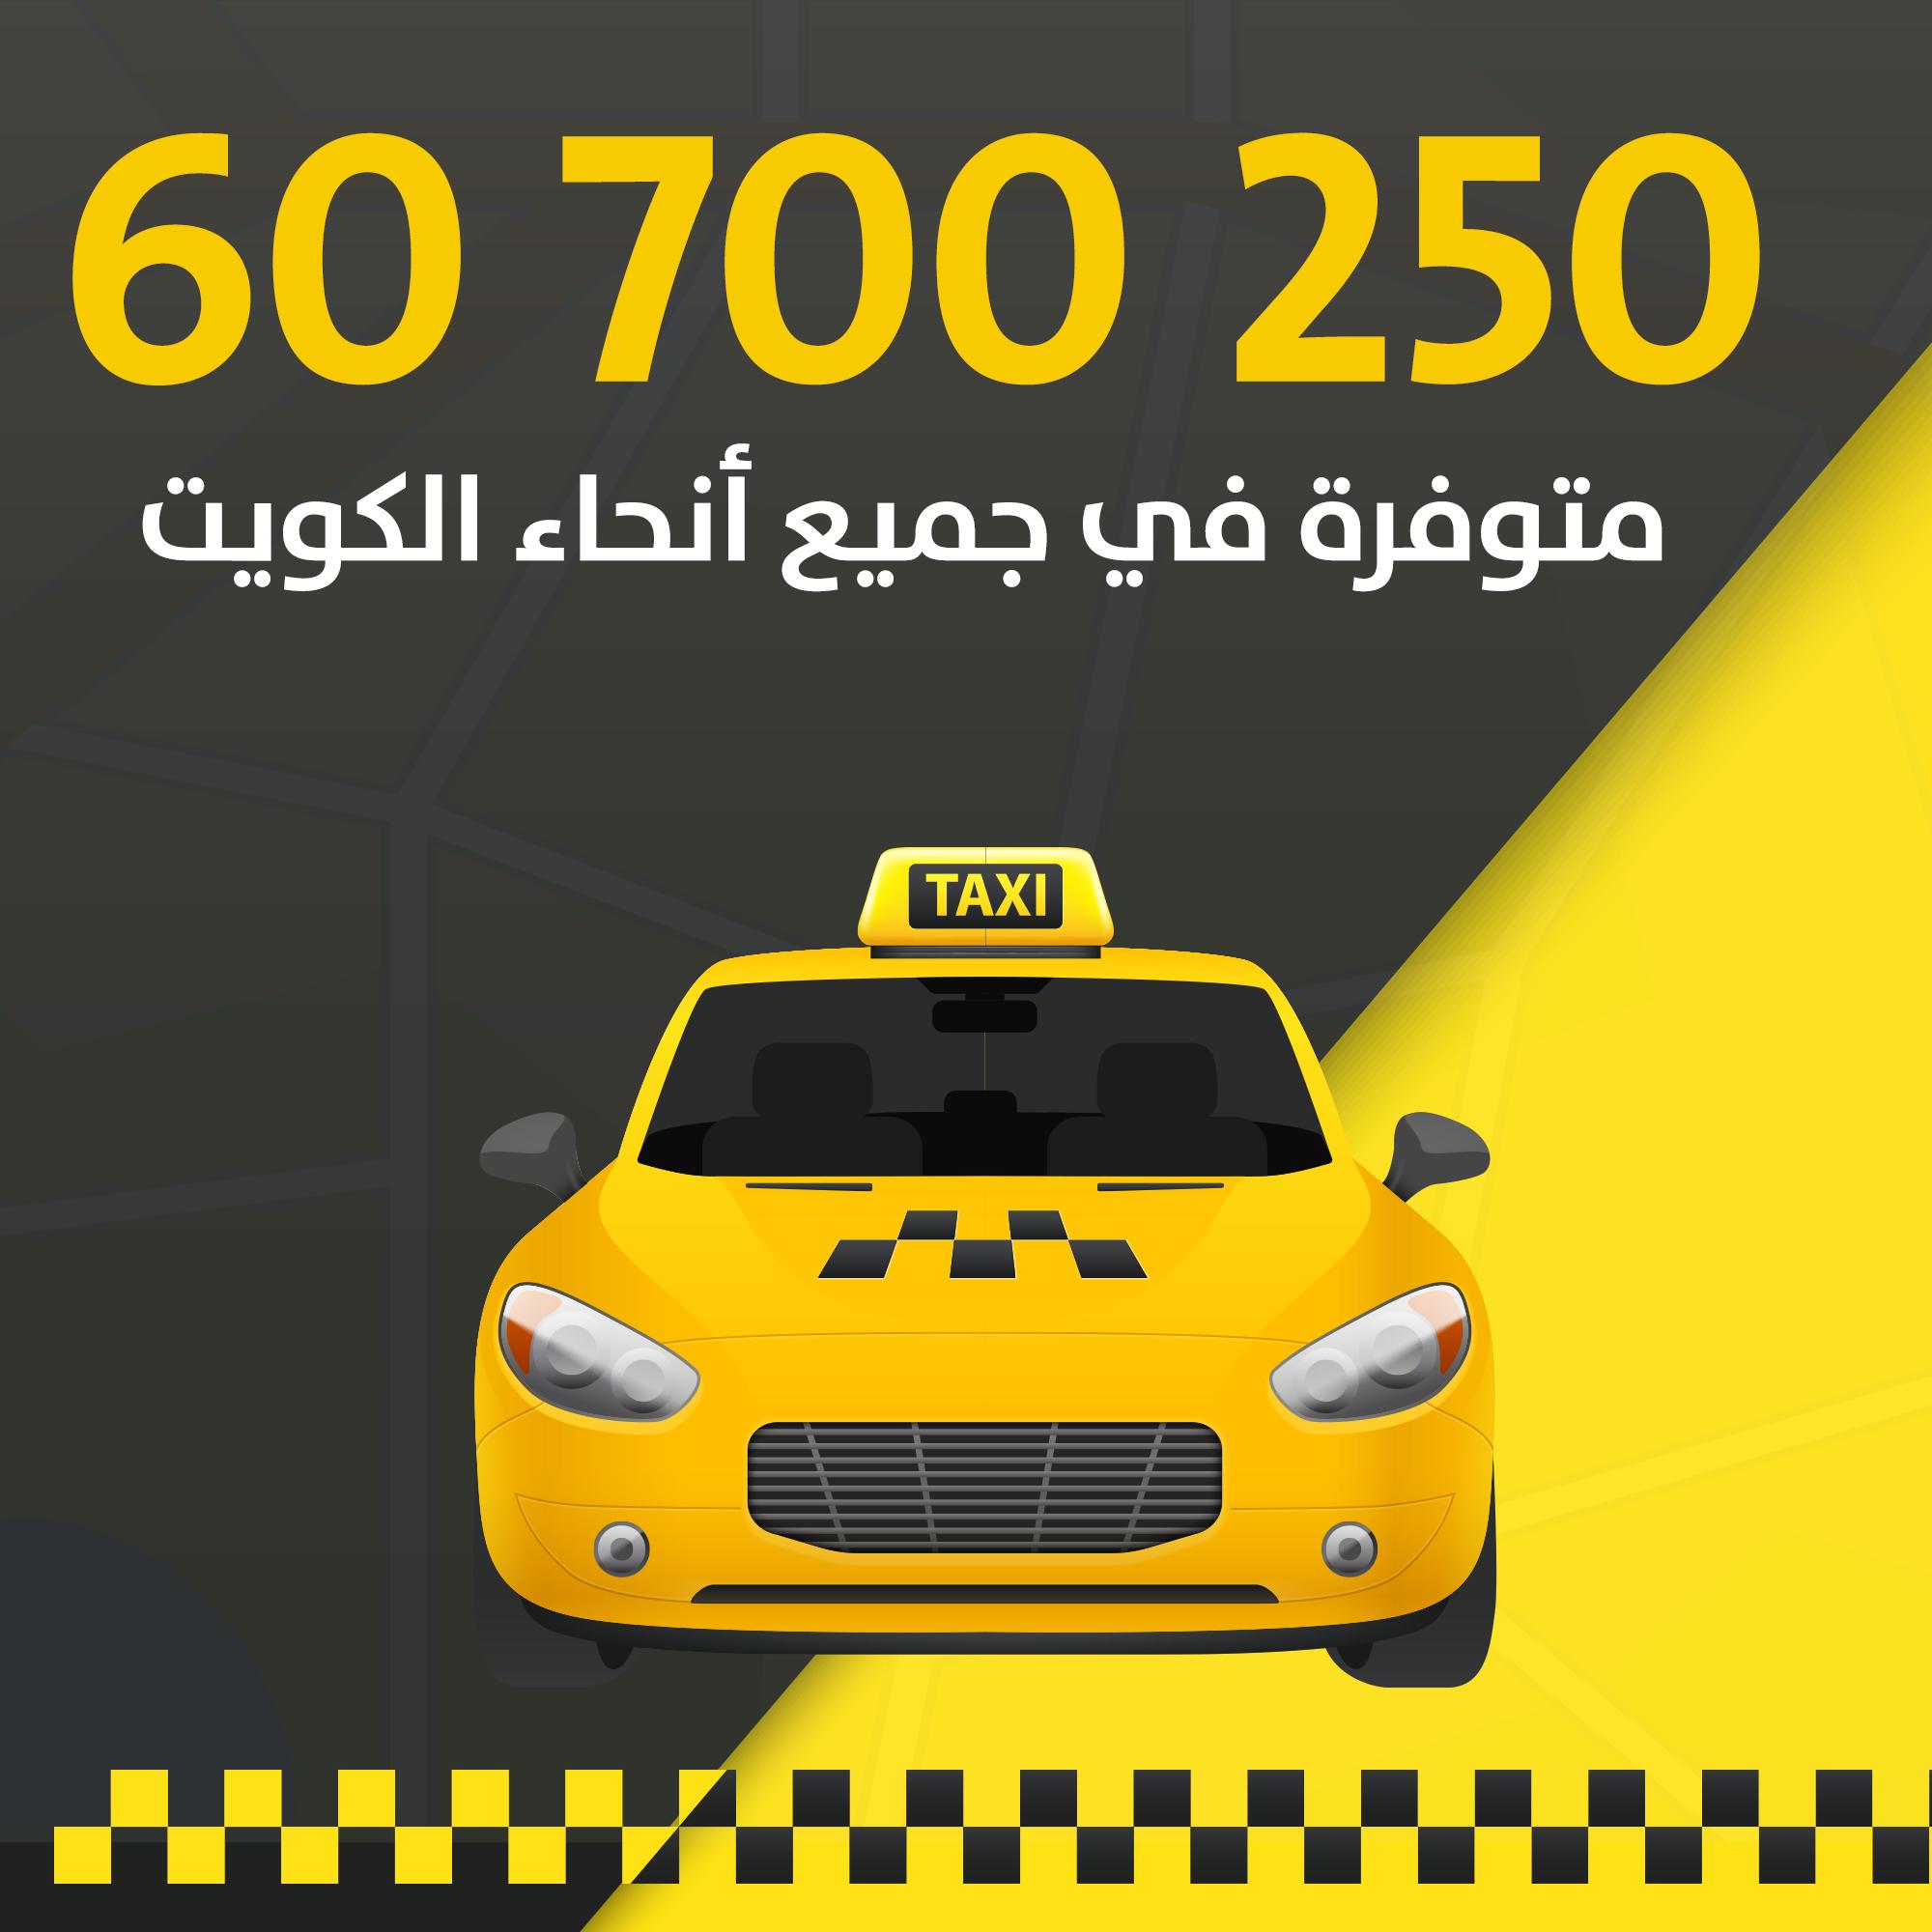 تاكسي توصيلة في شارع الرياض